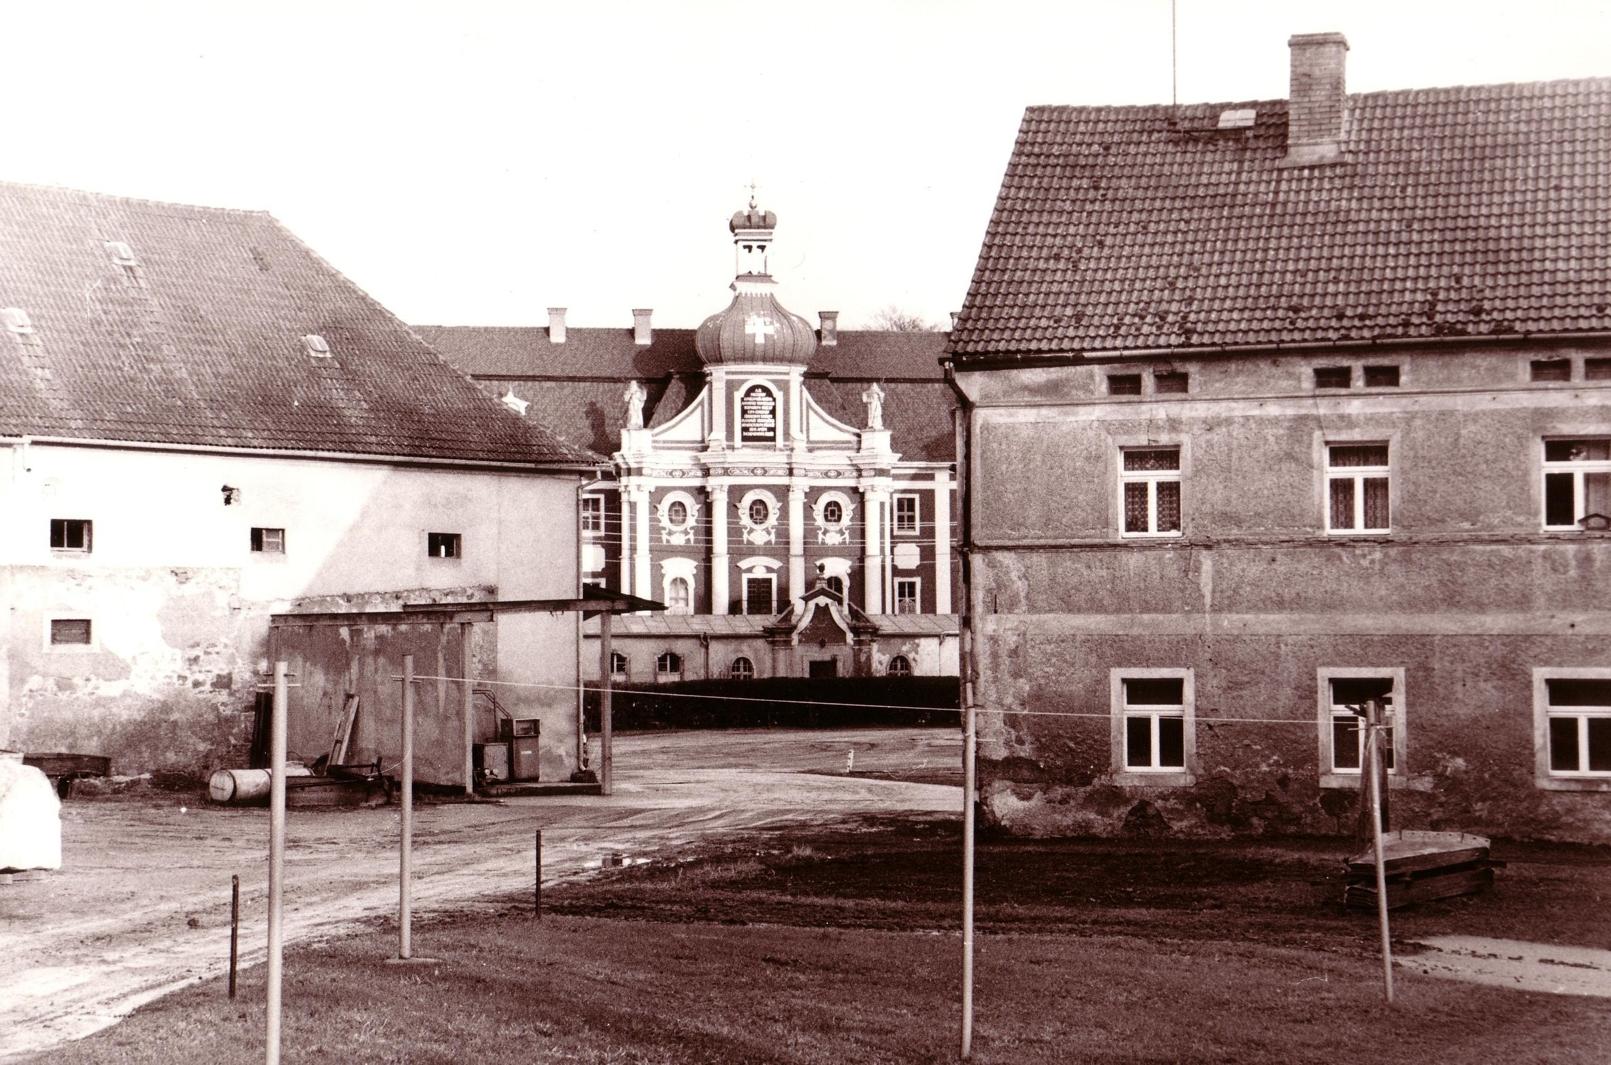 Tischlerei Wagenremise Kloster St. Marienthal 1992